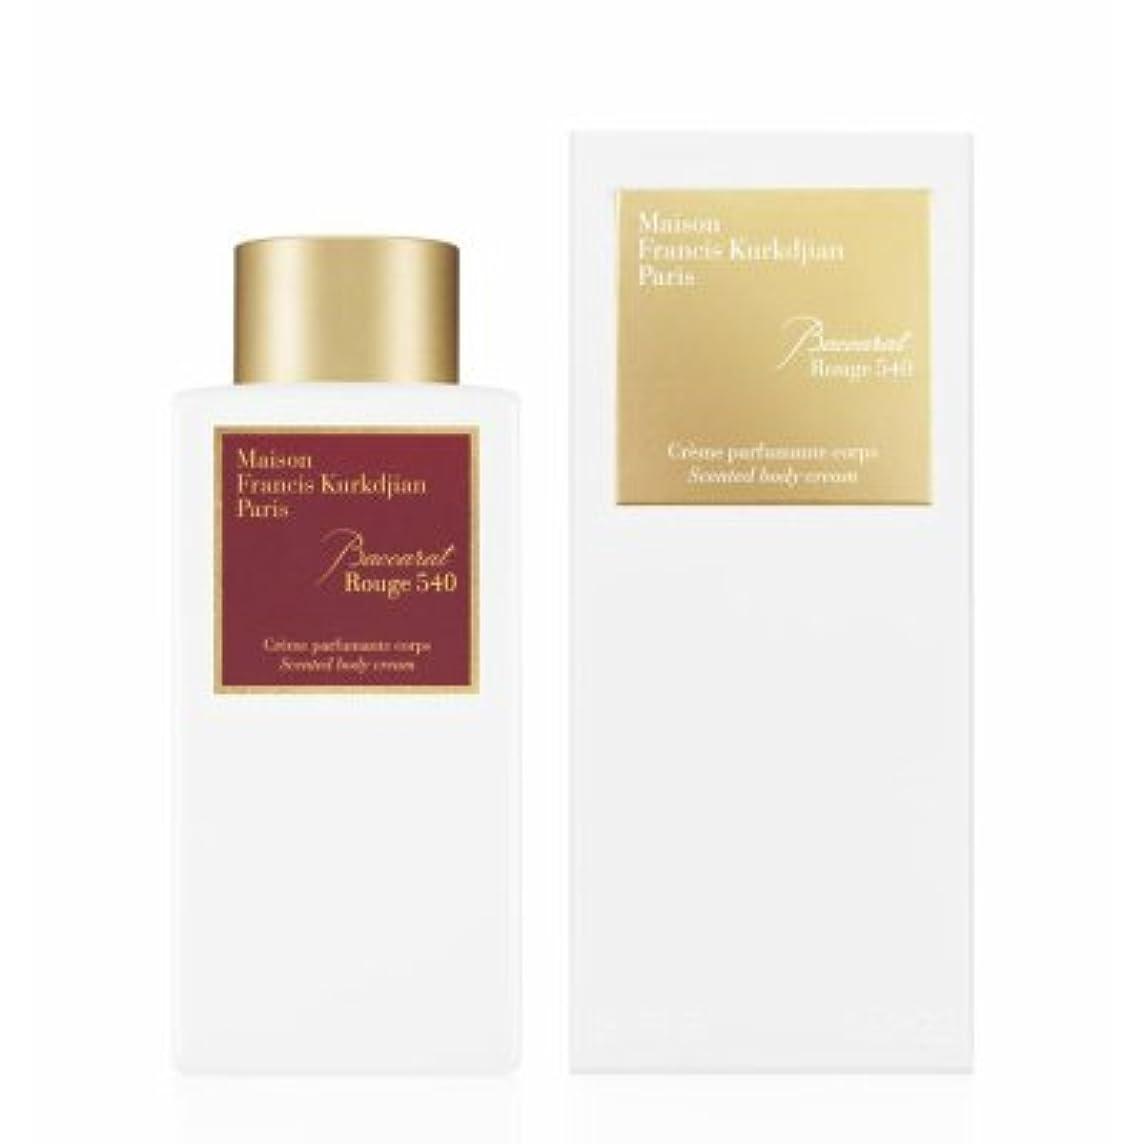 ひばり説明的攻撃的メゾン フランシス クルジャン バカラ ルージュ 540 センテッド ボディクリーム 250ml(Maison Francis Kurkdjian Baccarat Rouge 540 Scented Body Cream...